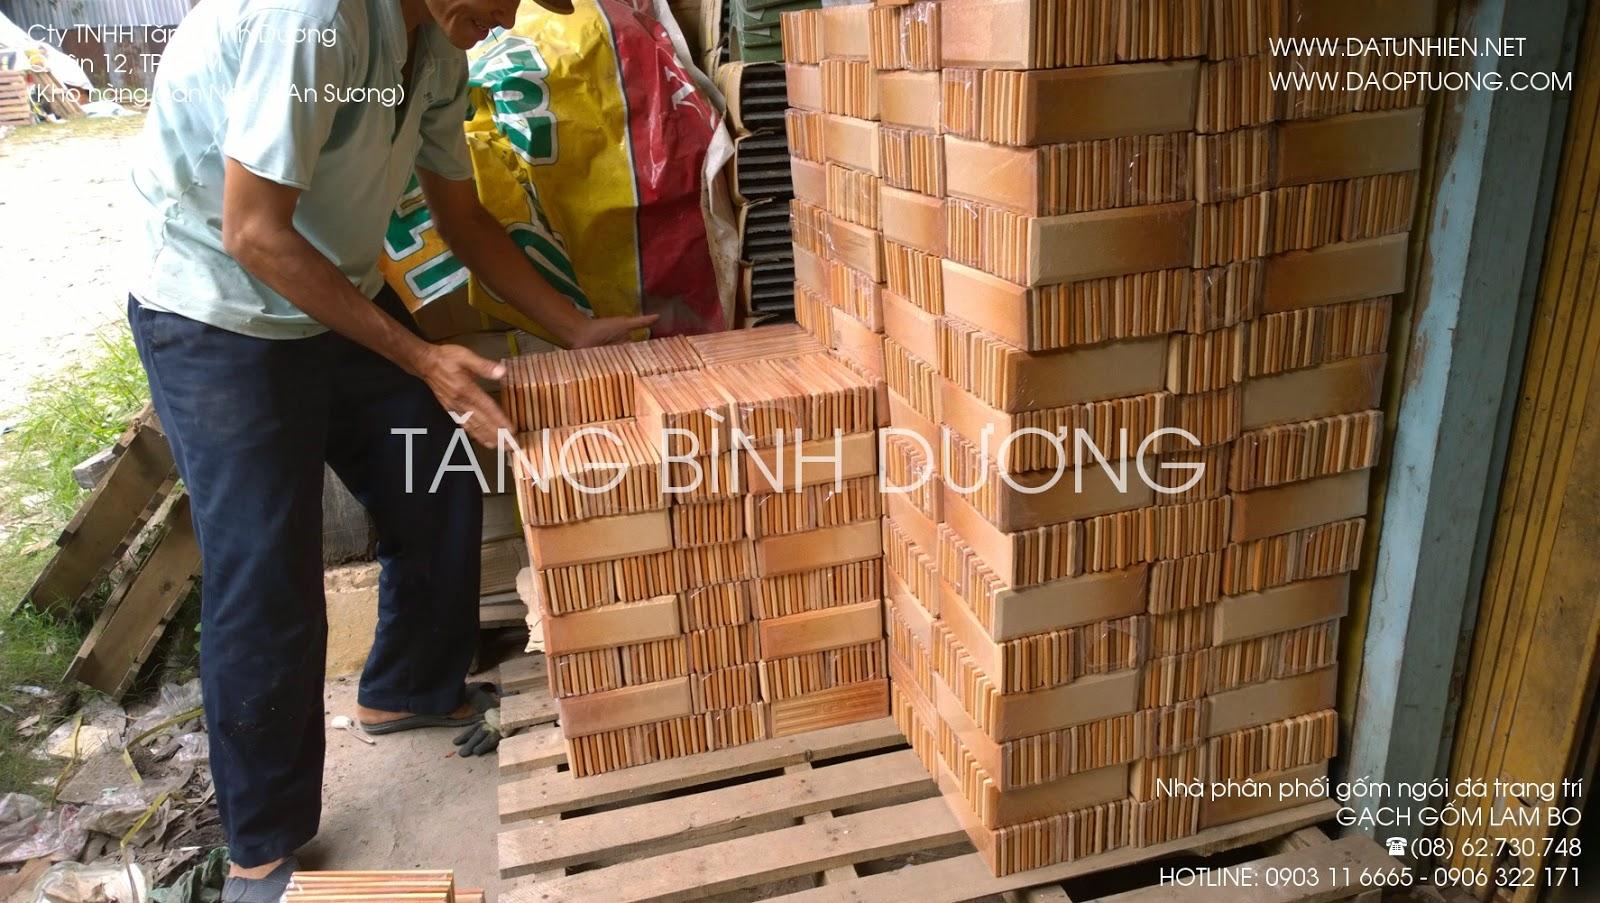 Chất hàng gạch gốm trang trí lam bo